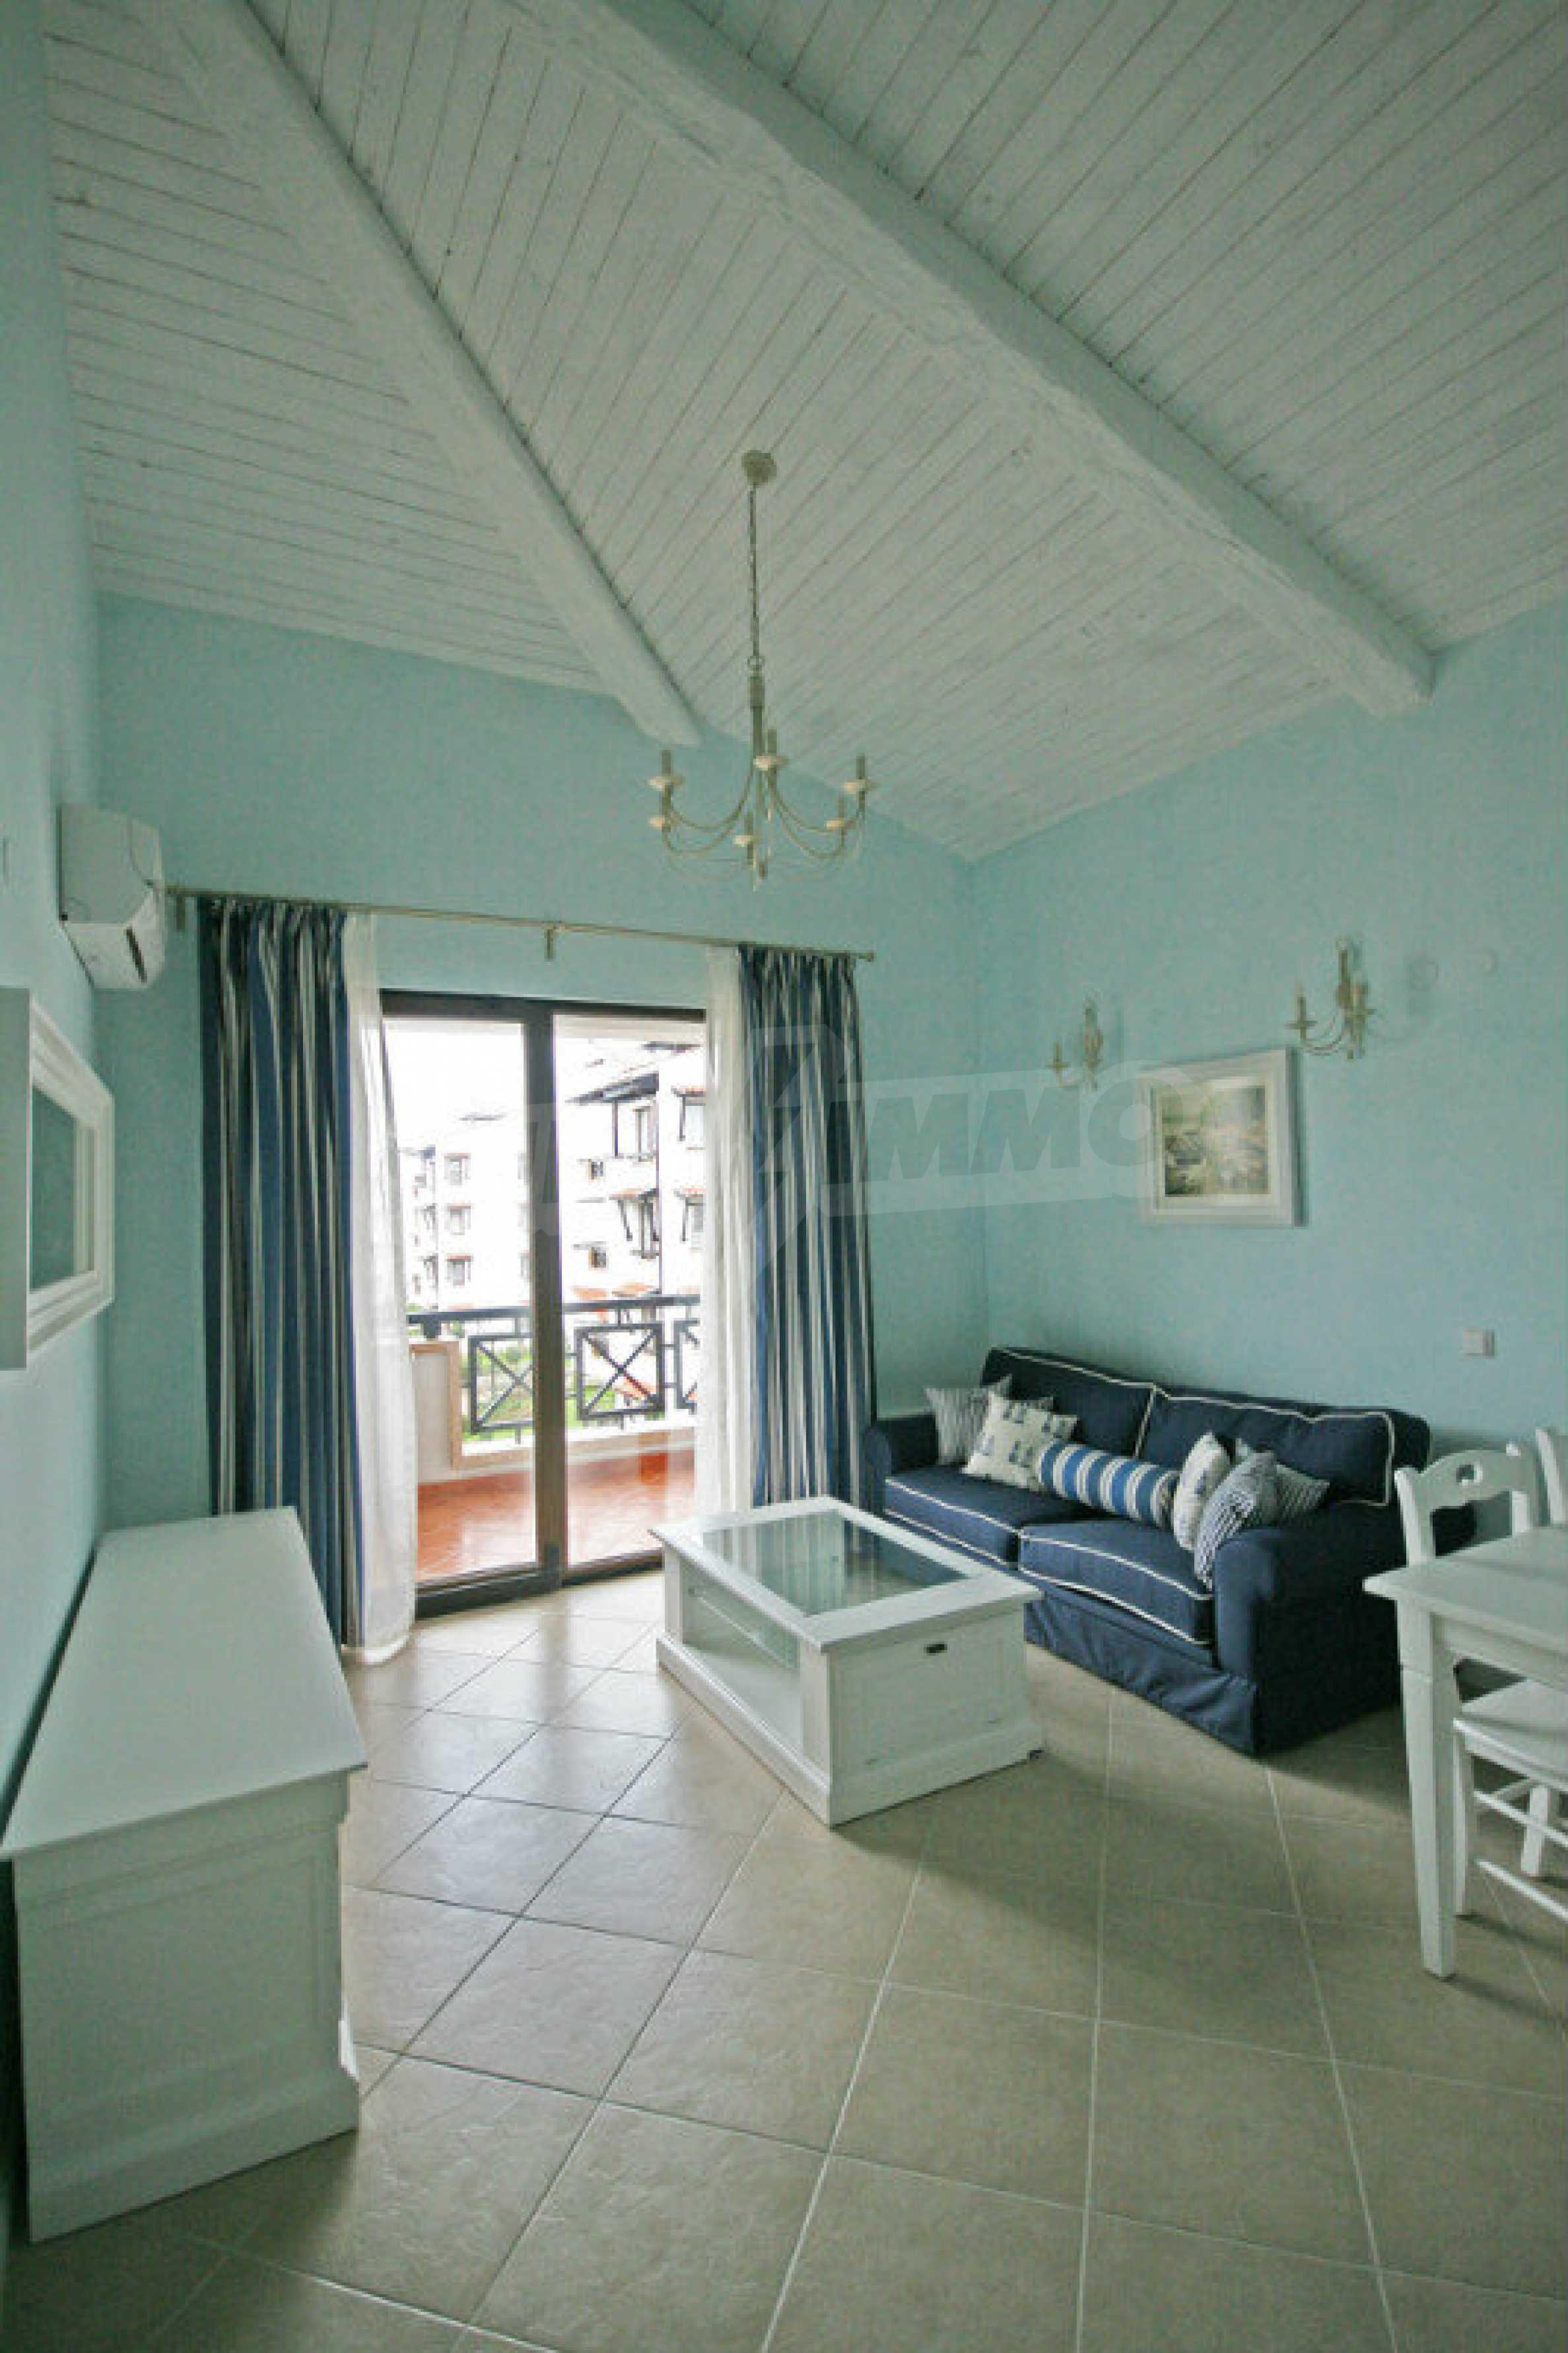 Apartment mit zwei Schlafzimmern und stilvollen Möbeln in einem Komplex in erster Linie